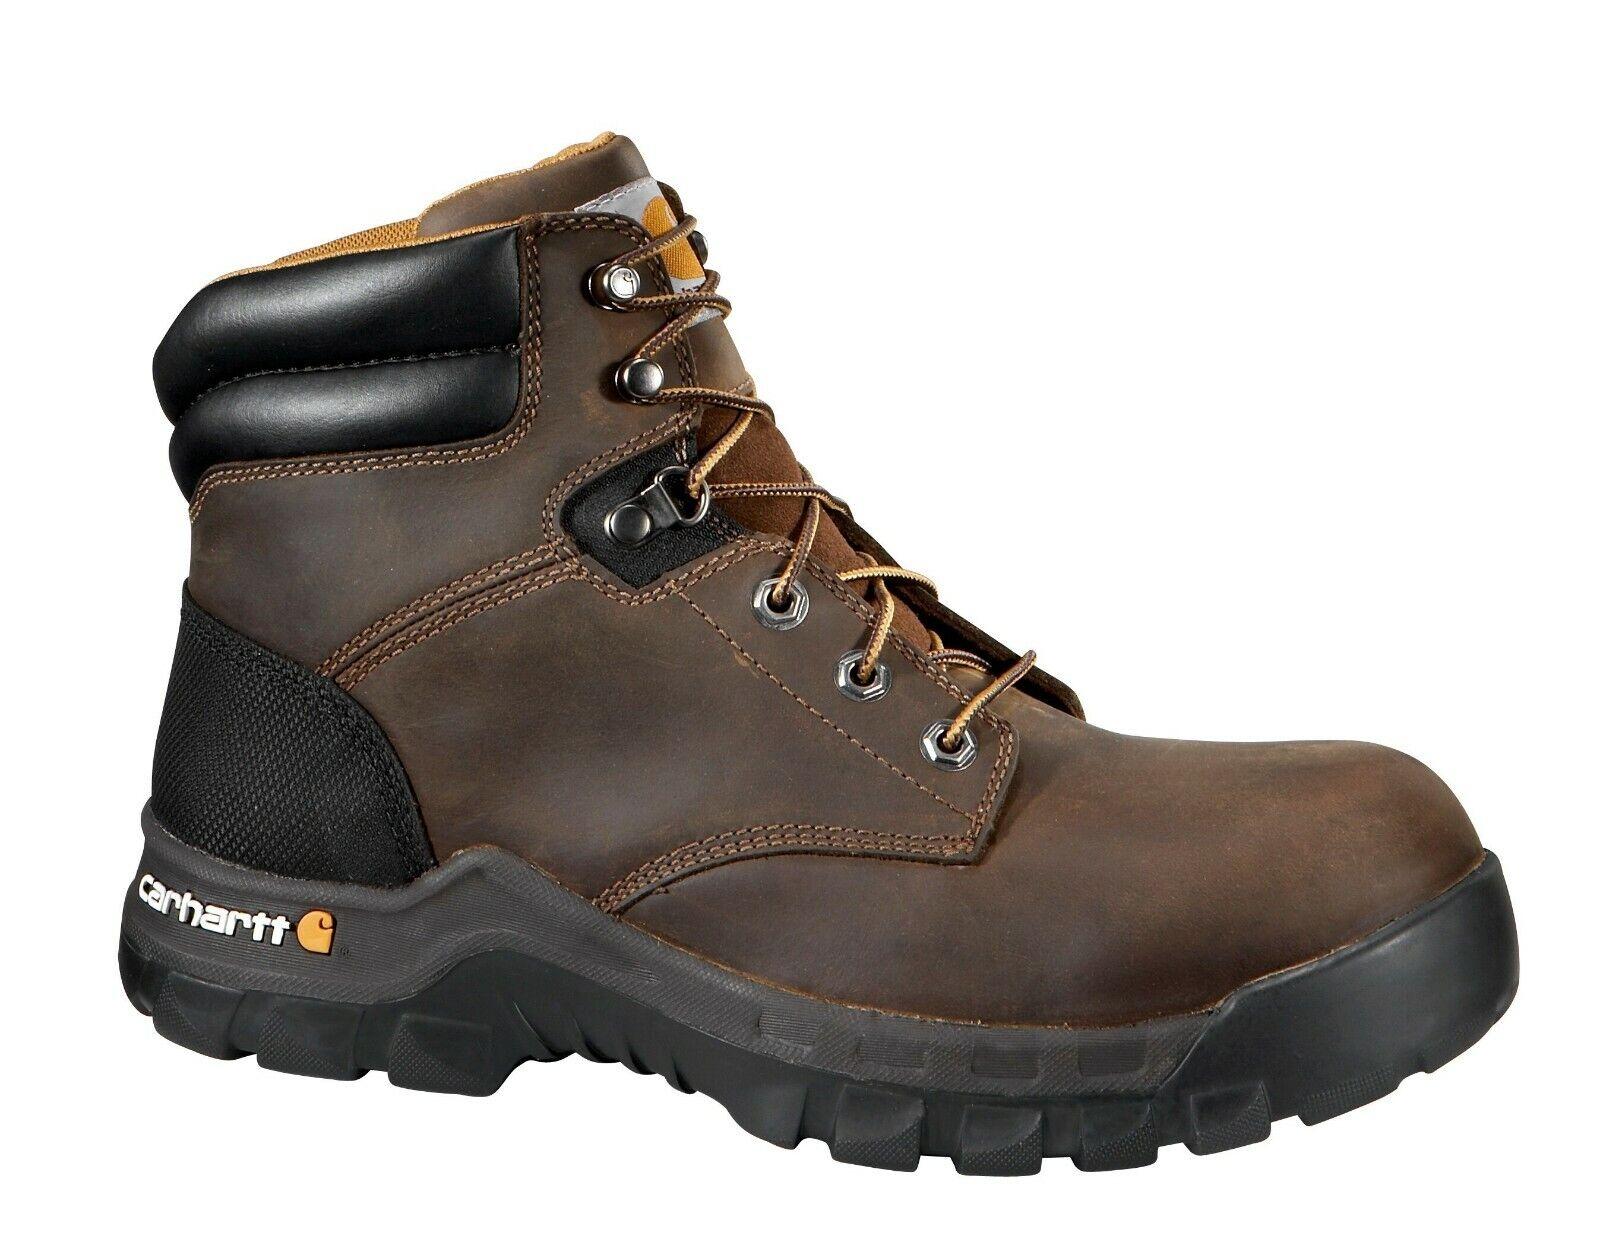 bienvenido a orden Zapatos Zapatos Zapatos De Cuero Carhartt CWF5355 Para Mujer Resistente Flex 6  Composite Toe botas De Trabajo  en linea